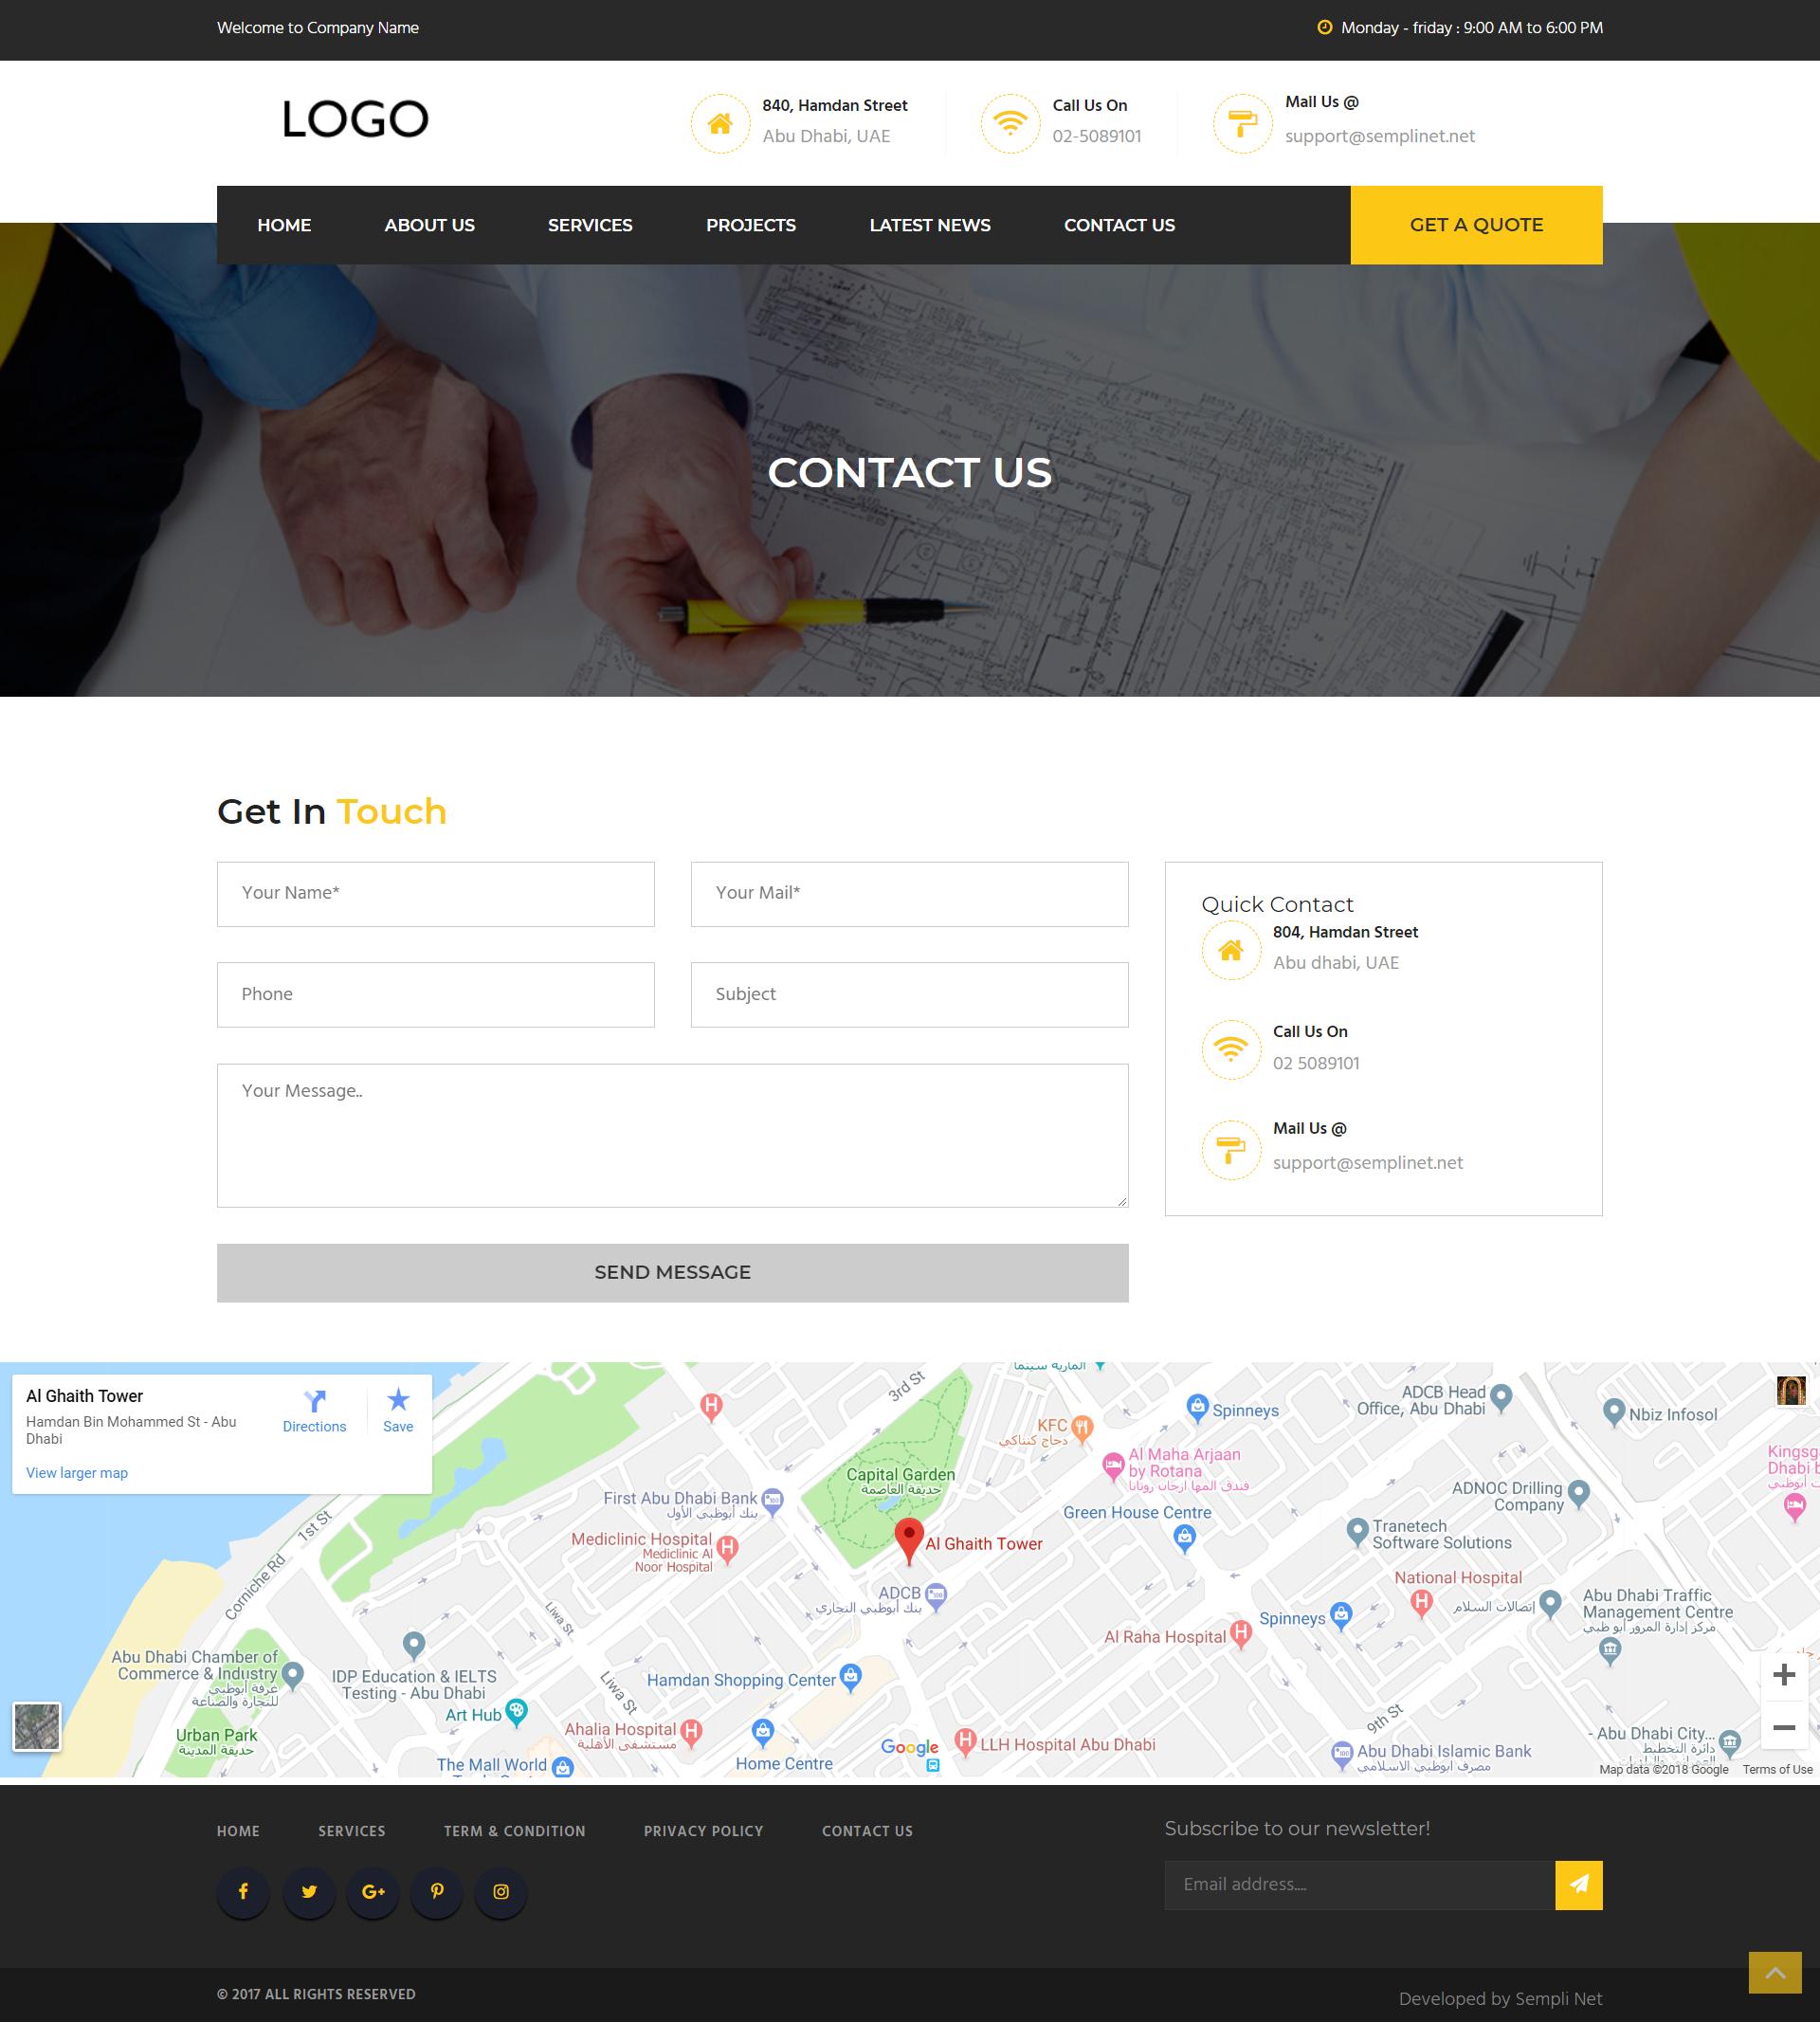 Sempli Net Web Design Web Hosting E Media Software Graphic